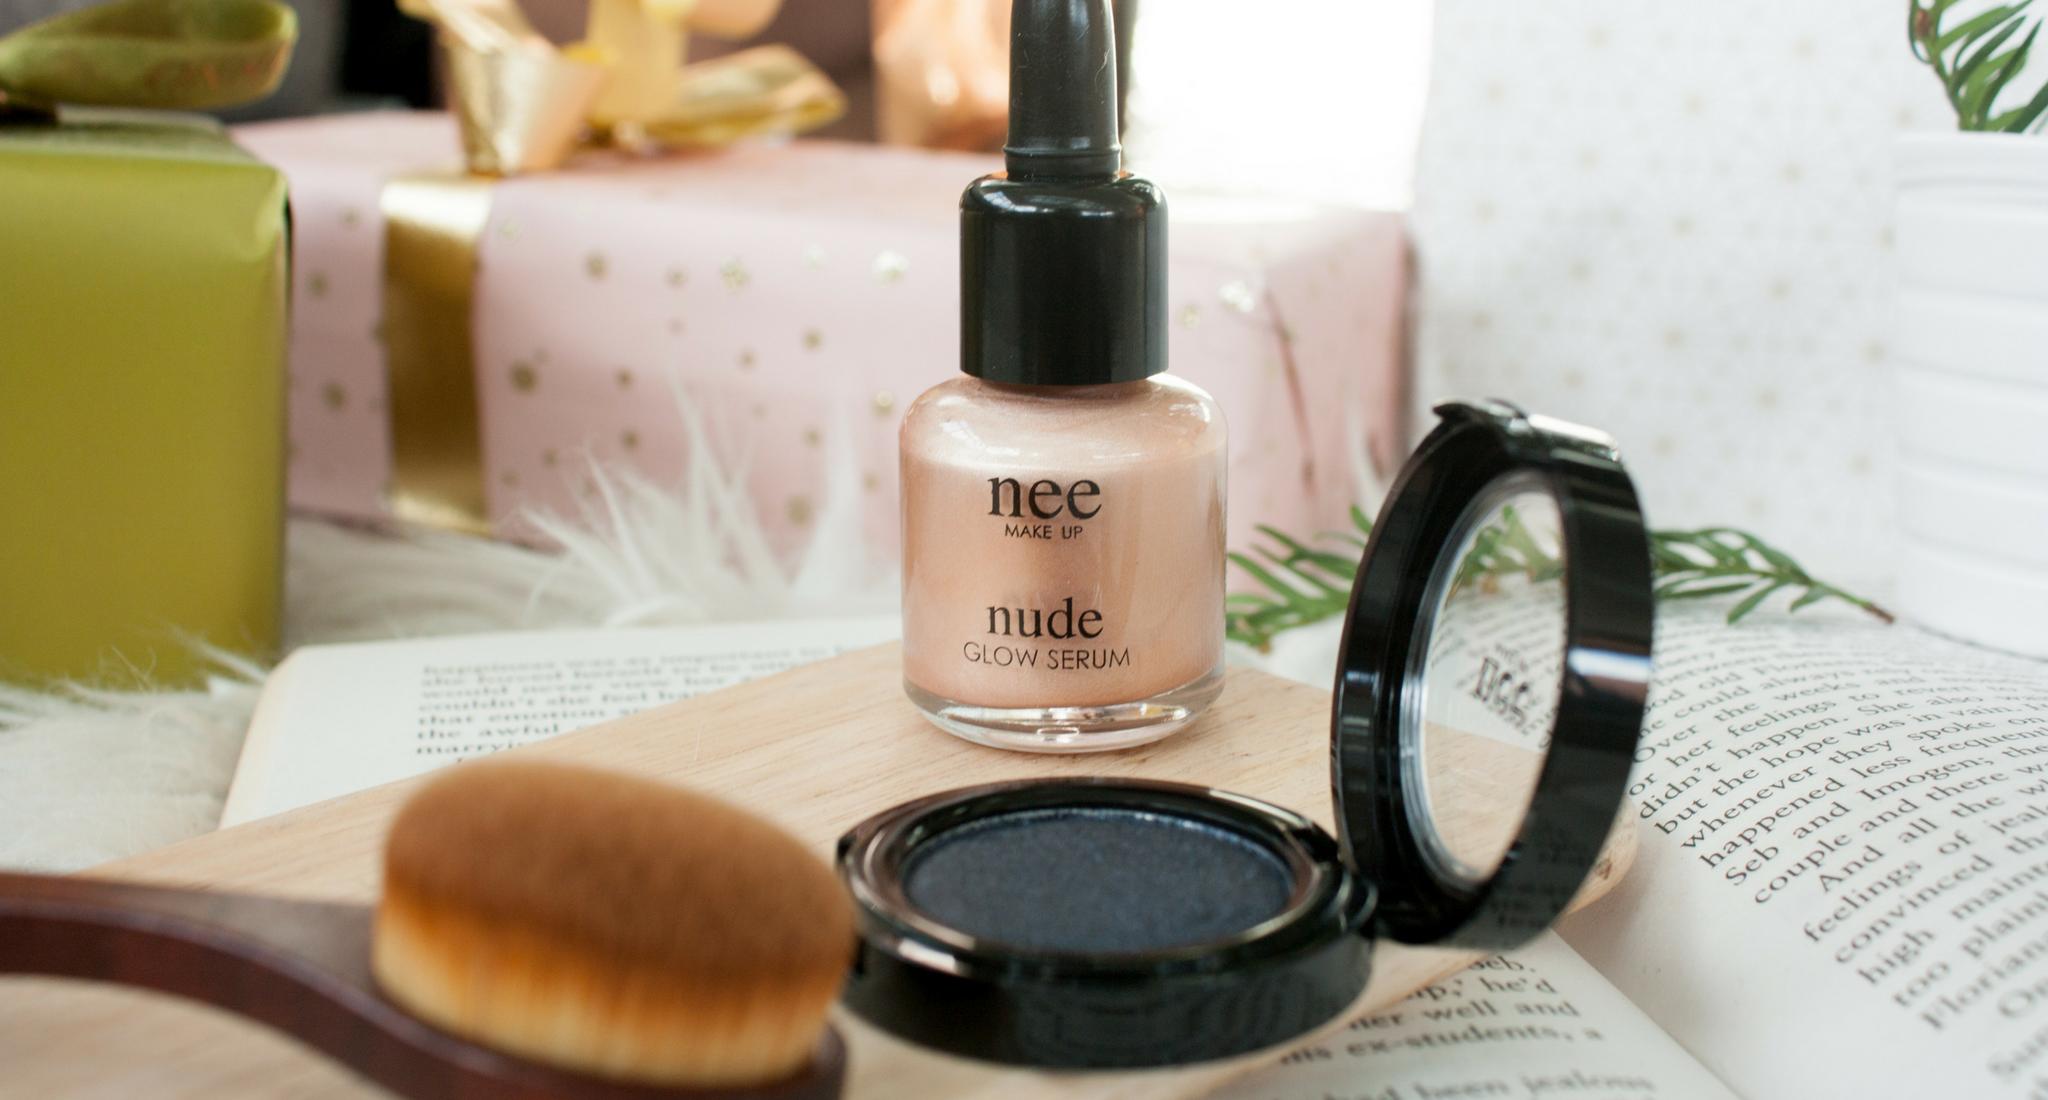 Nee Make-up